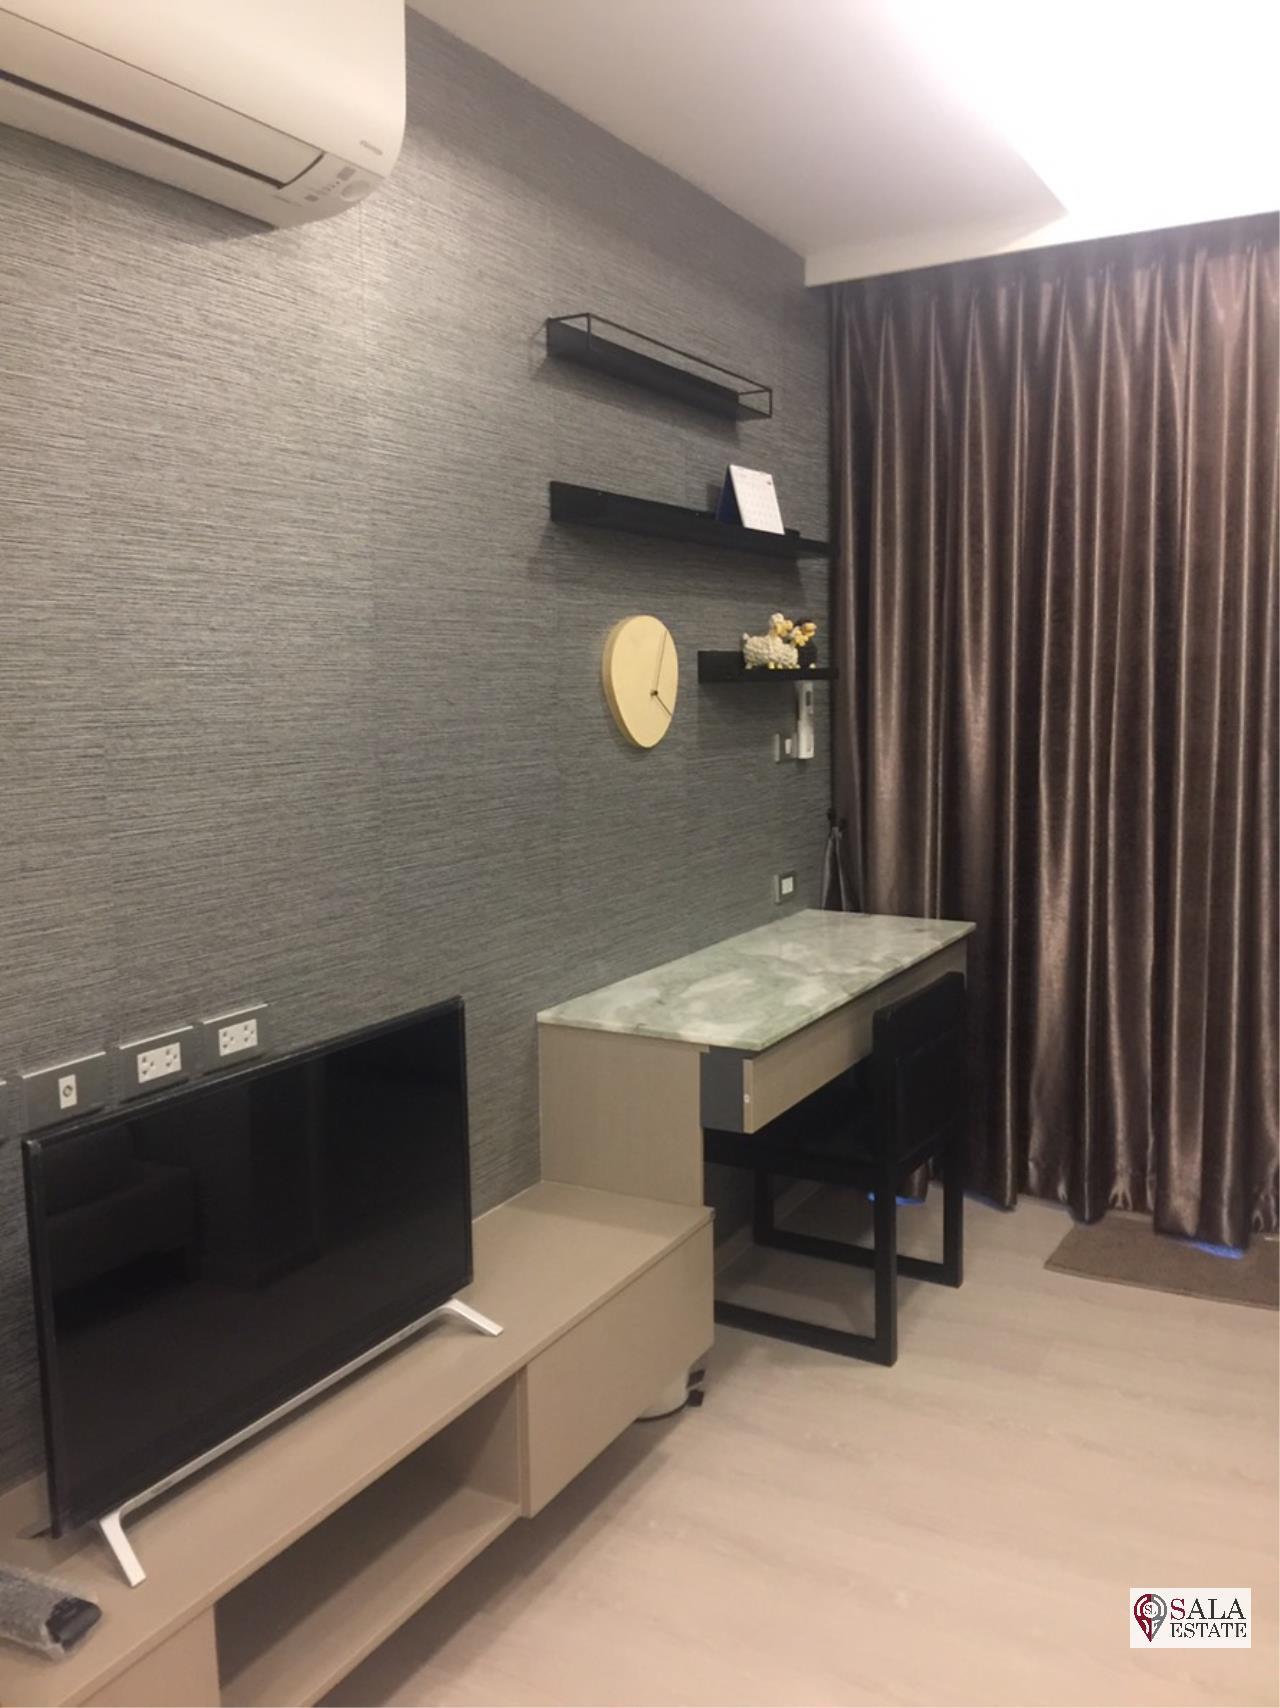 SALA ESTATE Agency's ( FOR RENT ) VTARA SUKHUMVIT 36 - BTS THONG LO , 1 BEDROOM 1 BATHROOM, FULLY FURNISHED 1